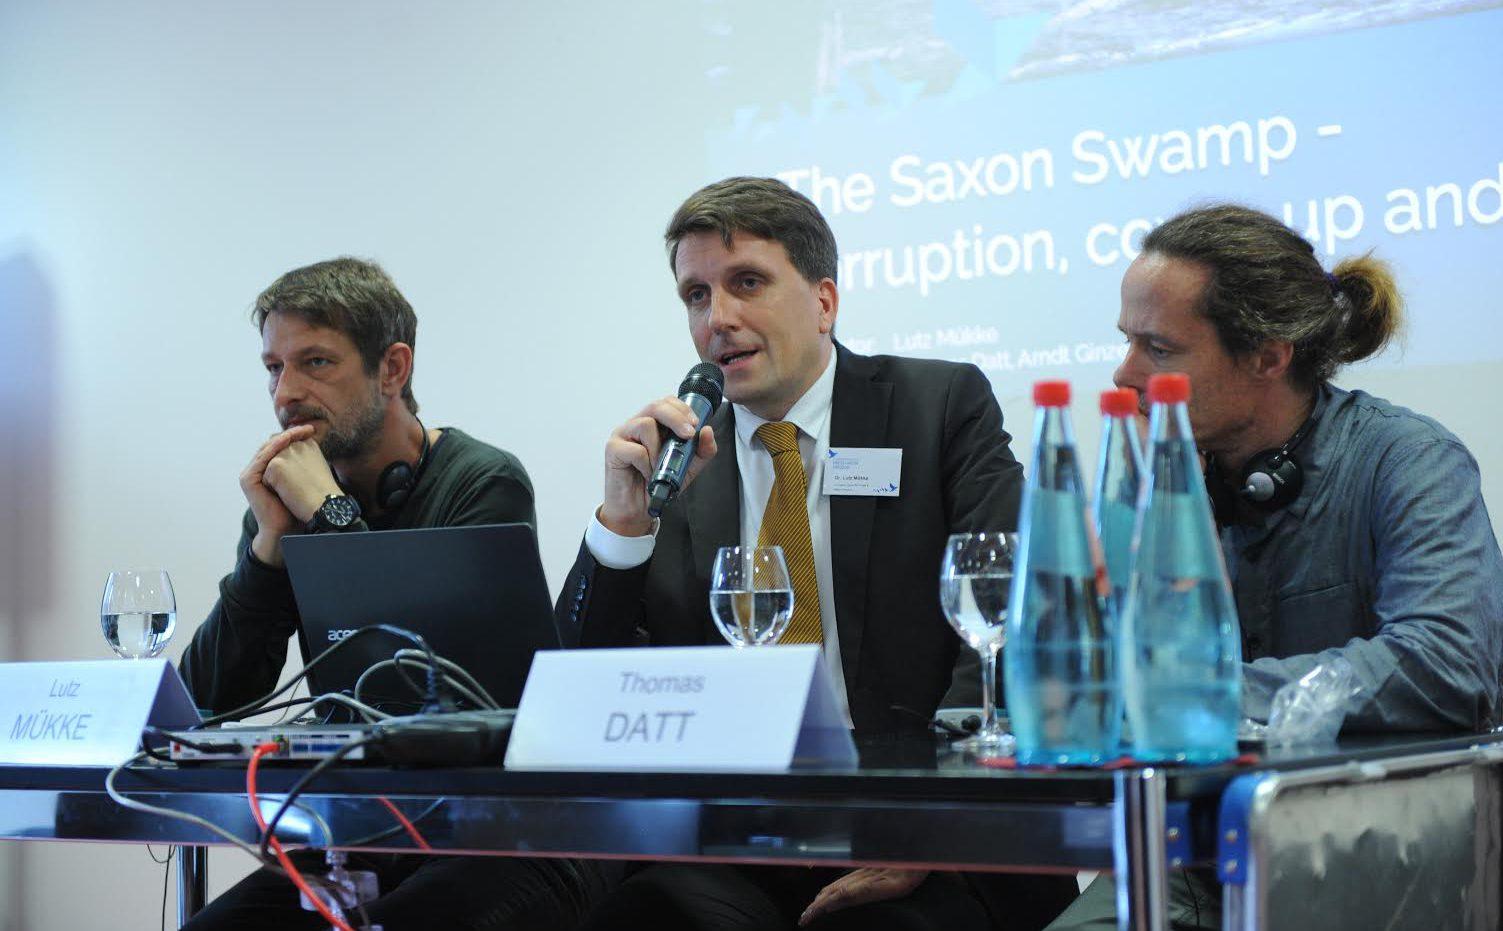 """Moderation zum Thema """"Sachsensumpf"""", mit Thomas Datt (r.) und Arndt Ginzel (l.) auf dem Europäischen Medienfreiheit-Kongress (c) ECPMF"""